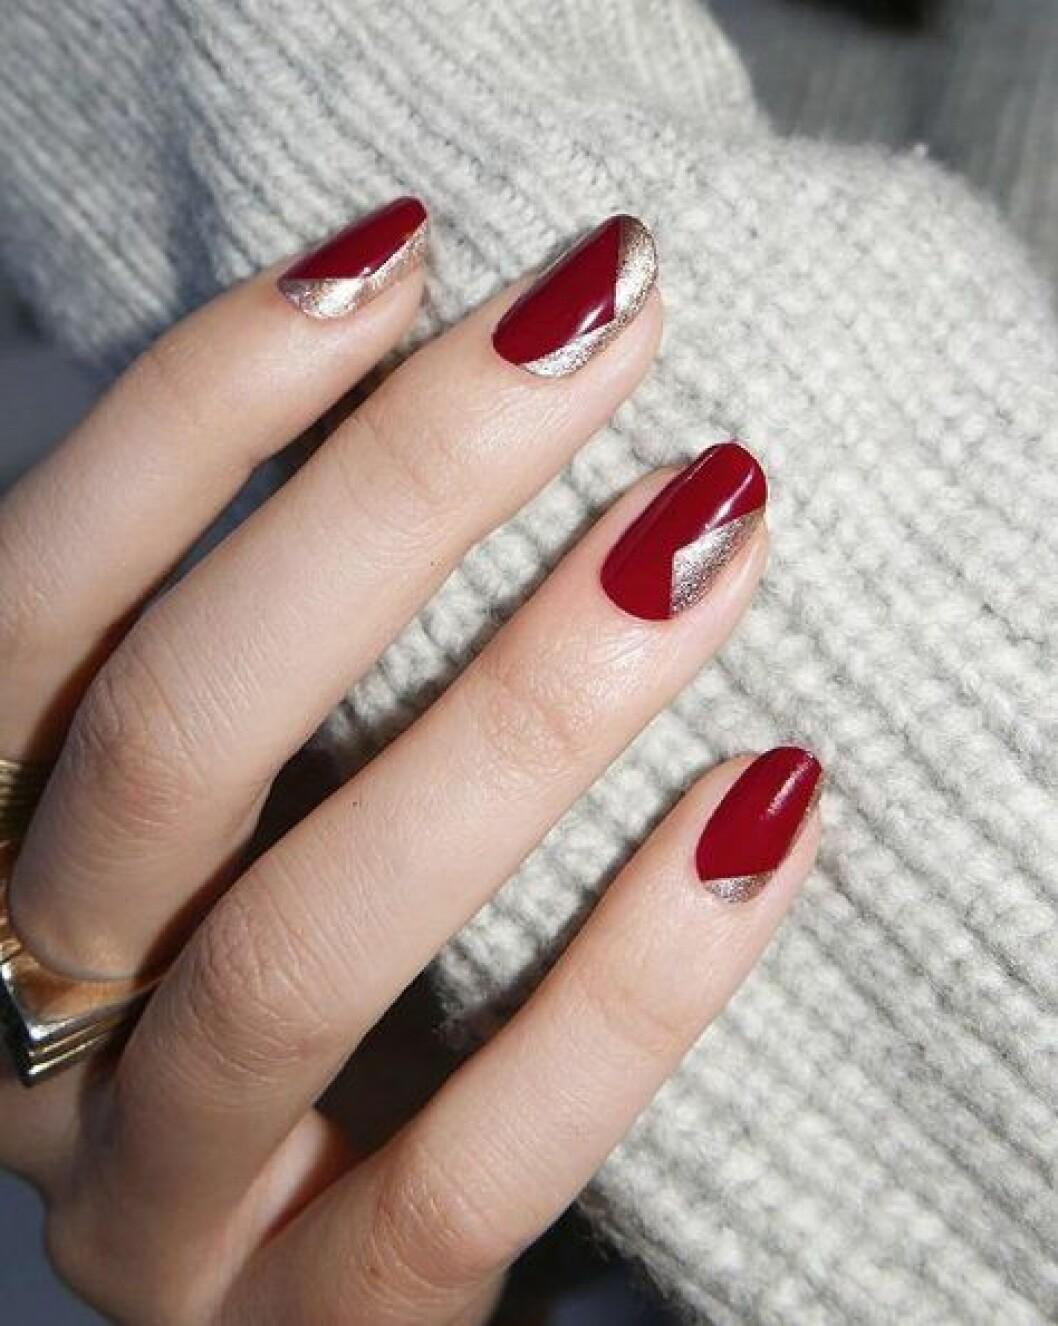 En bild på en nagellacksmanikyr i de juliga färgerna rött och guld.